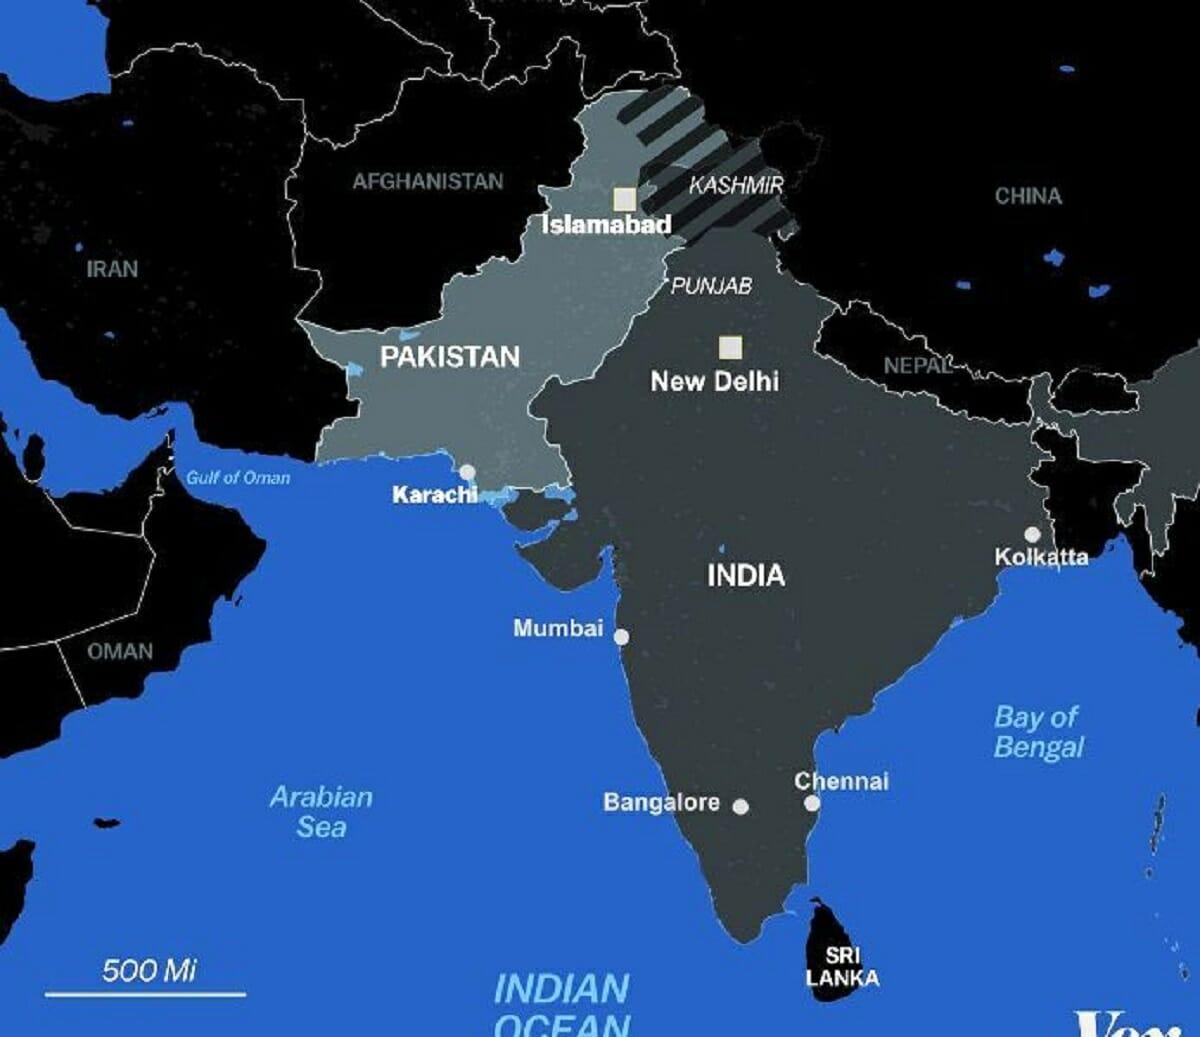 اقیانوس هند؛ صحنه جدید رقابت های تسلیحاتی